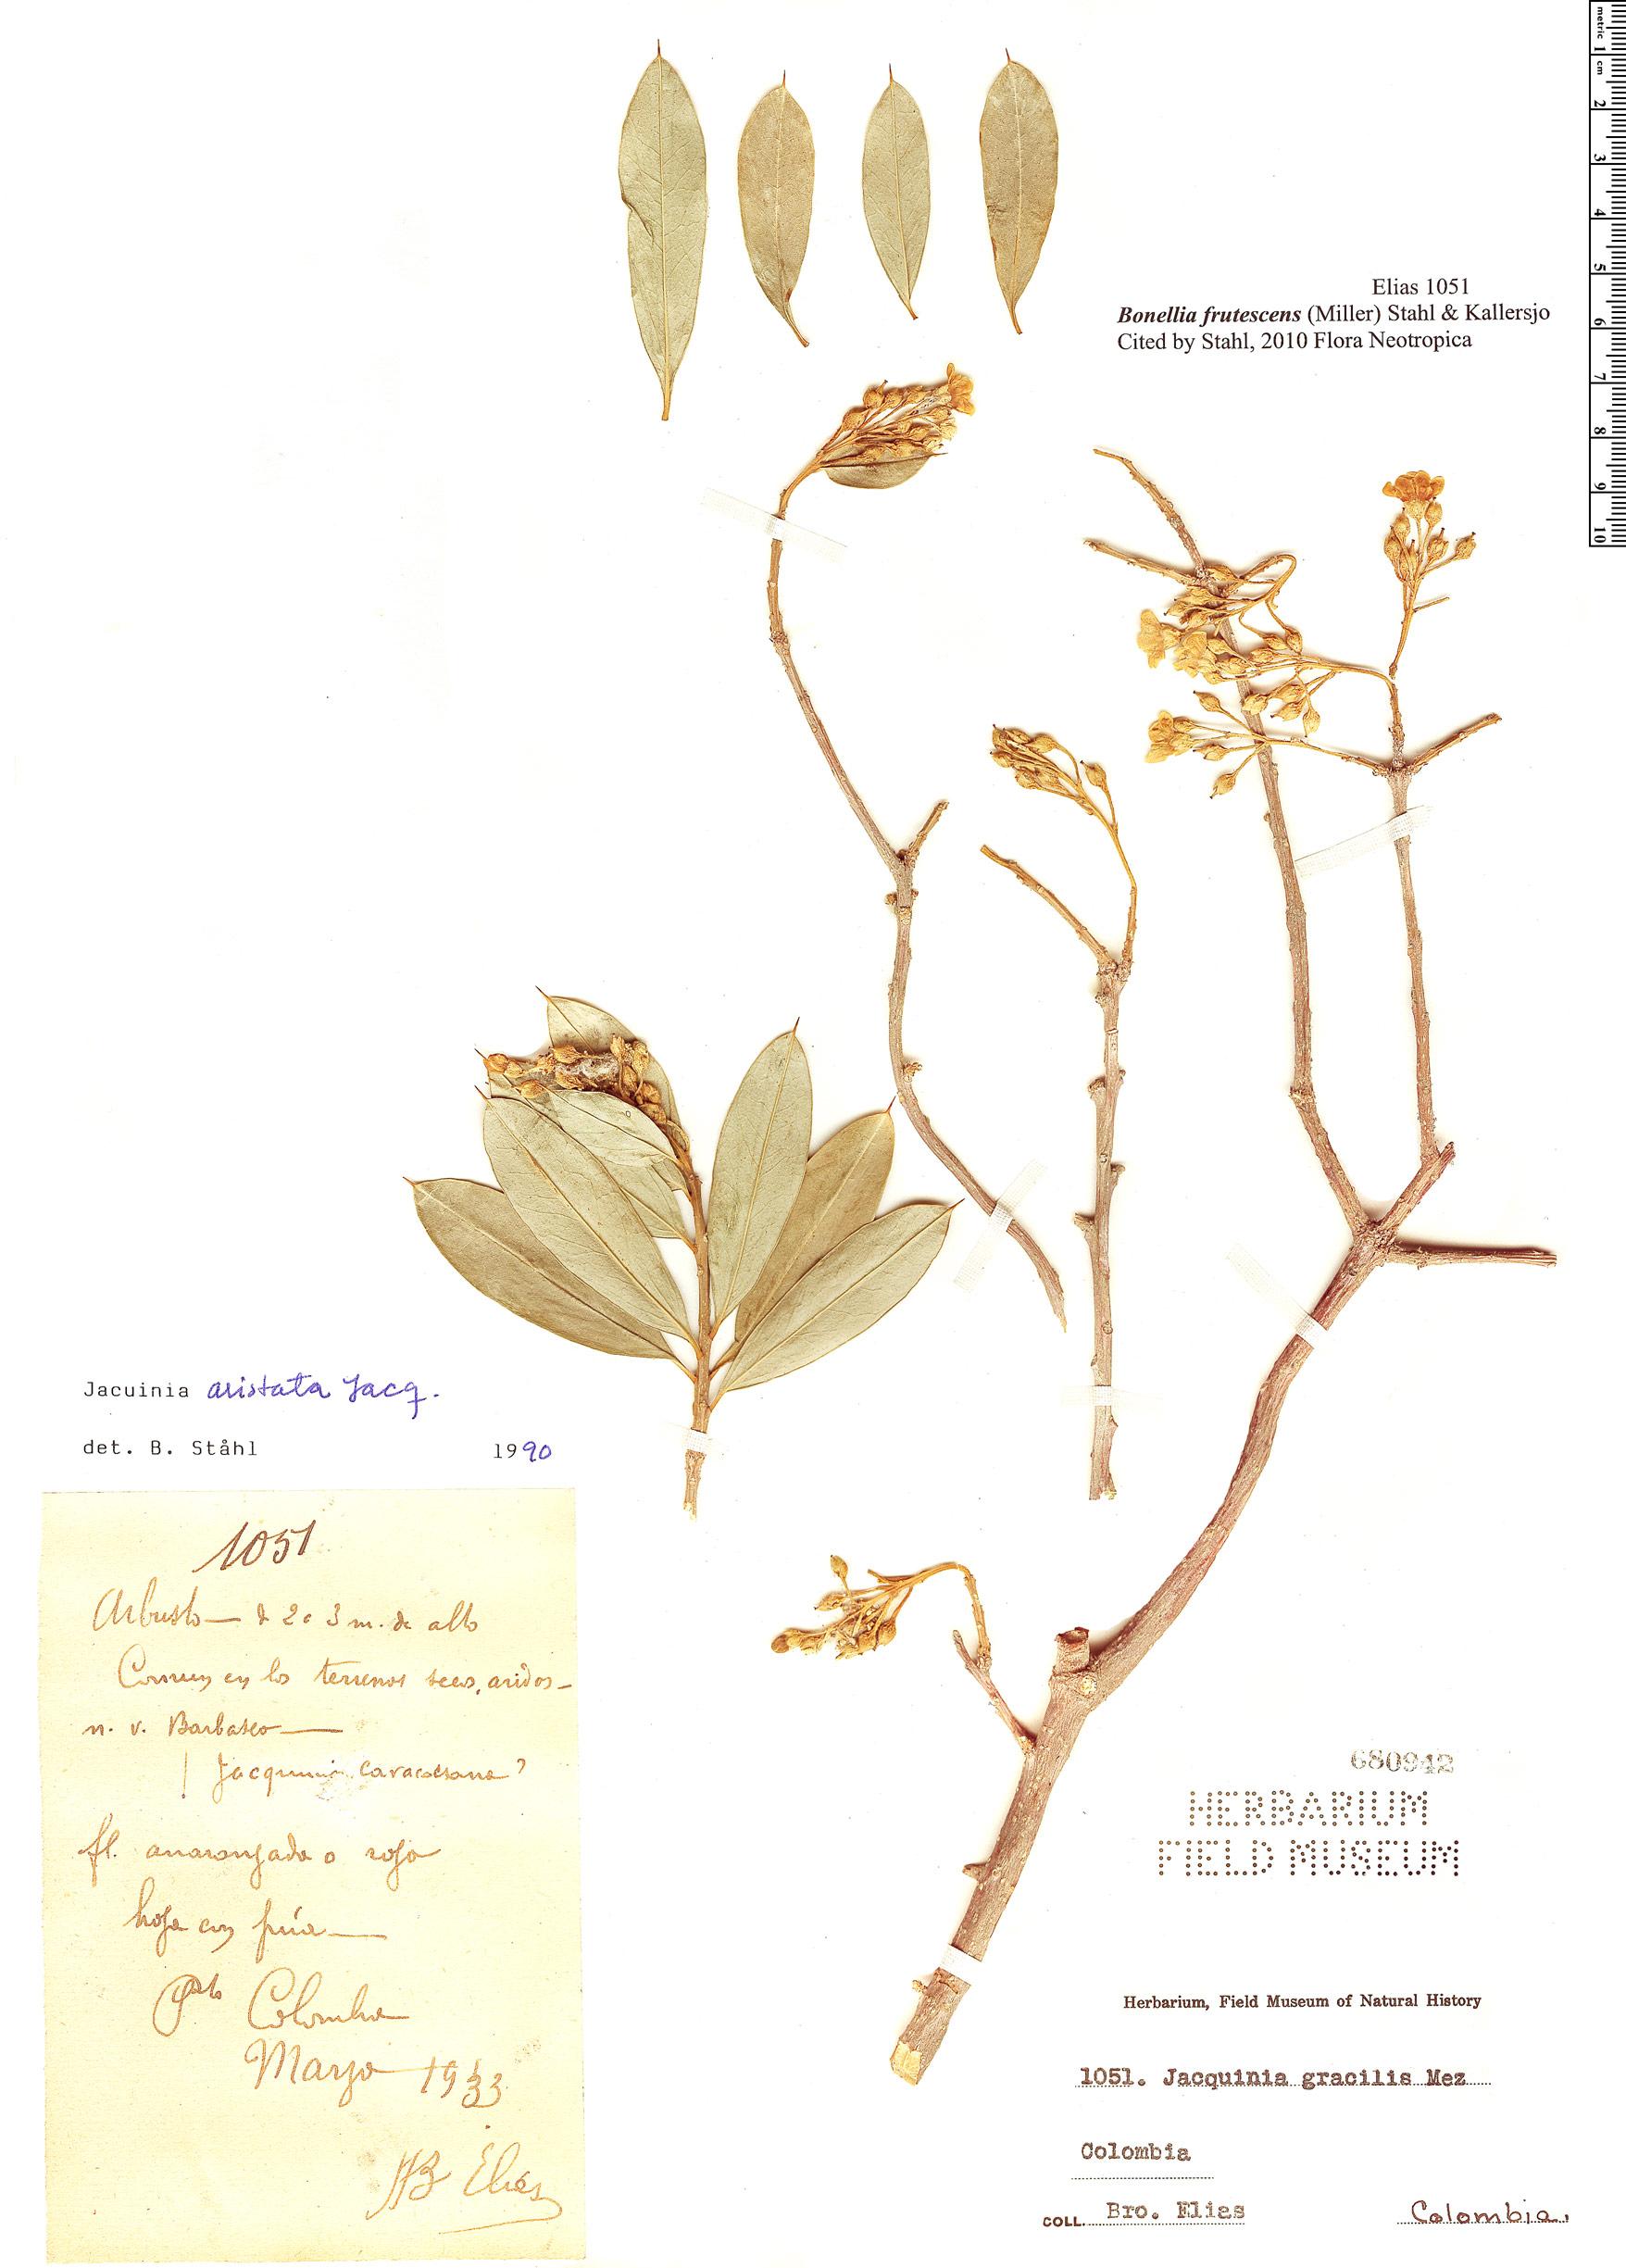 Specimen: Bonellia frutescens